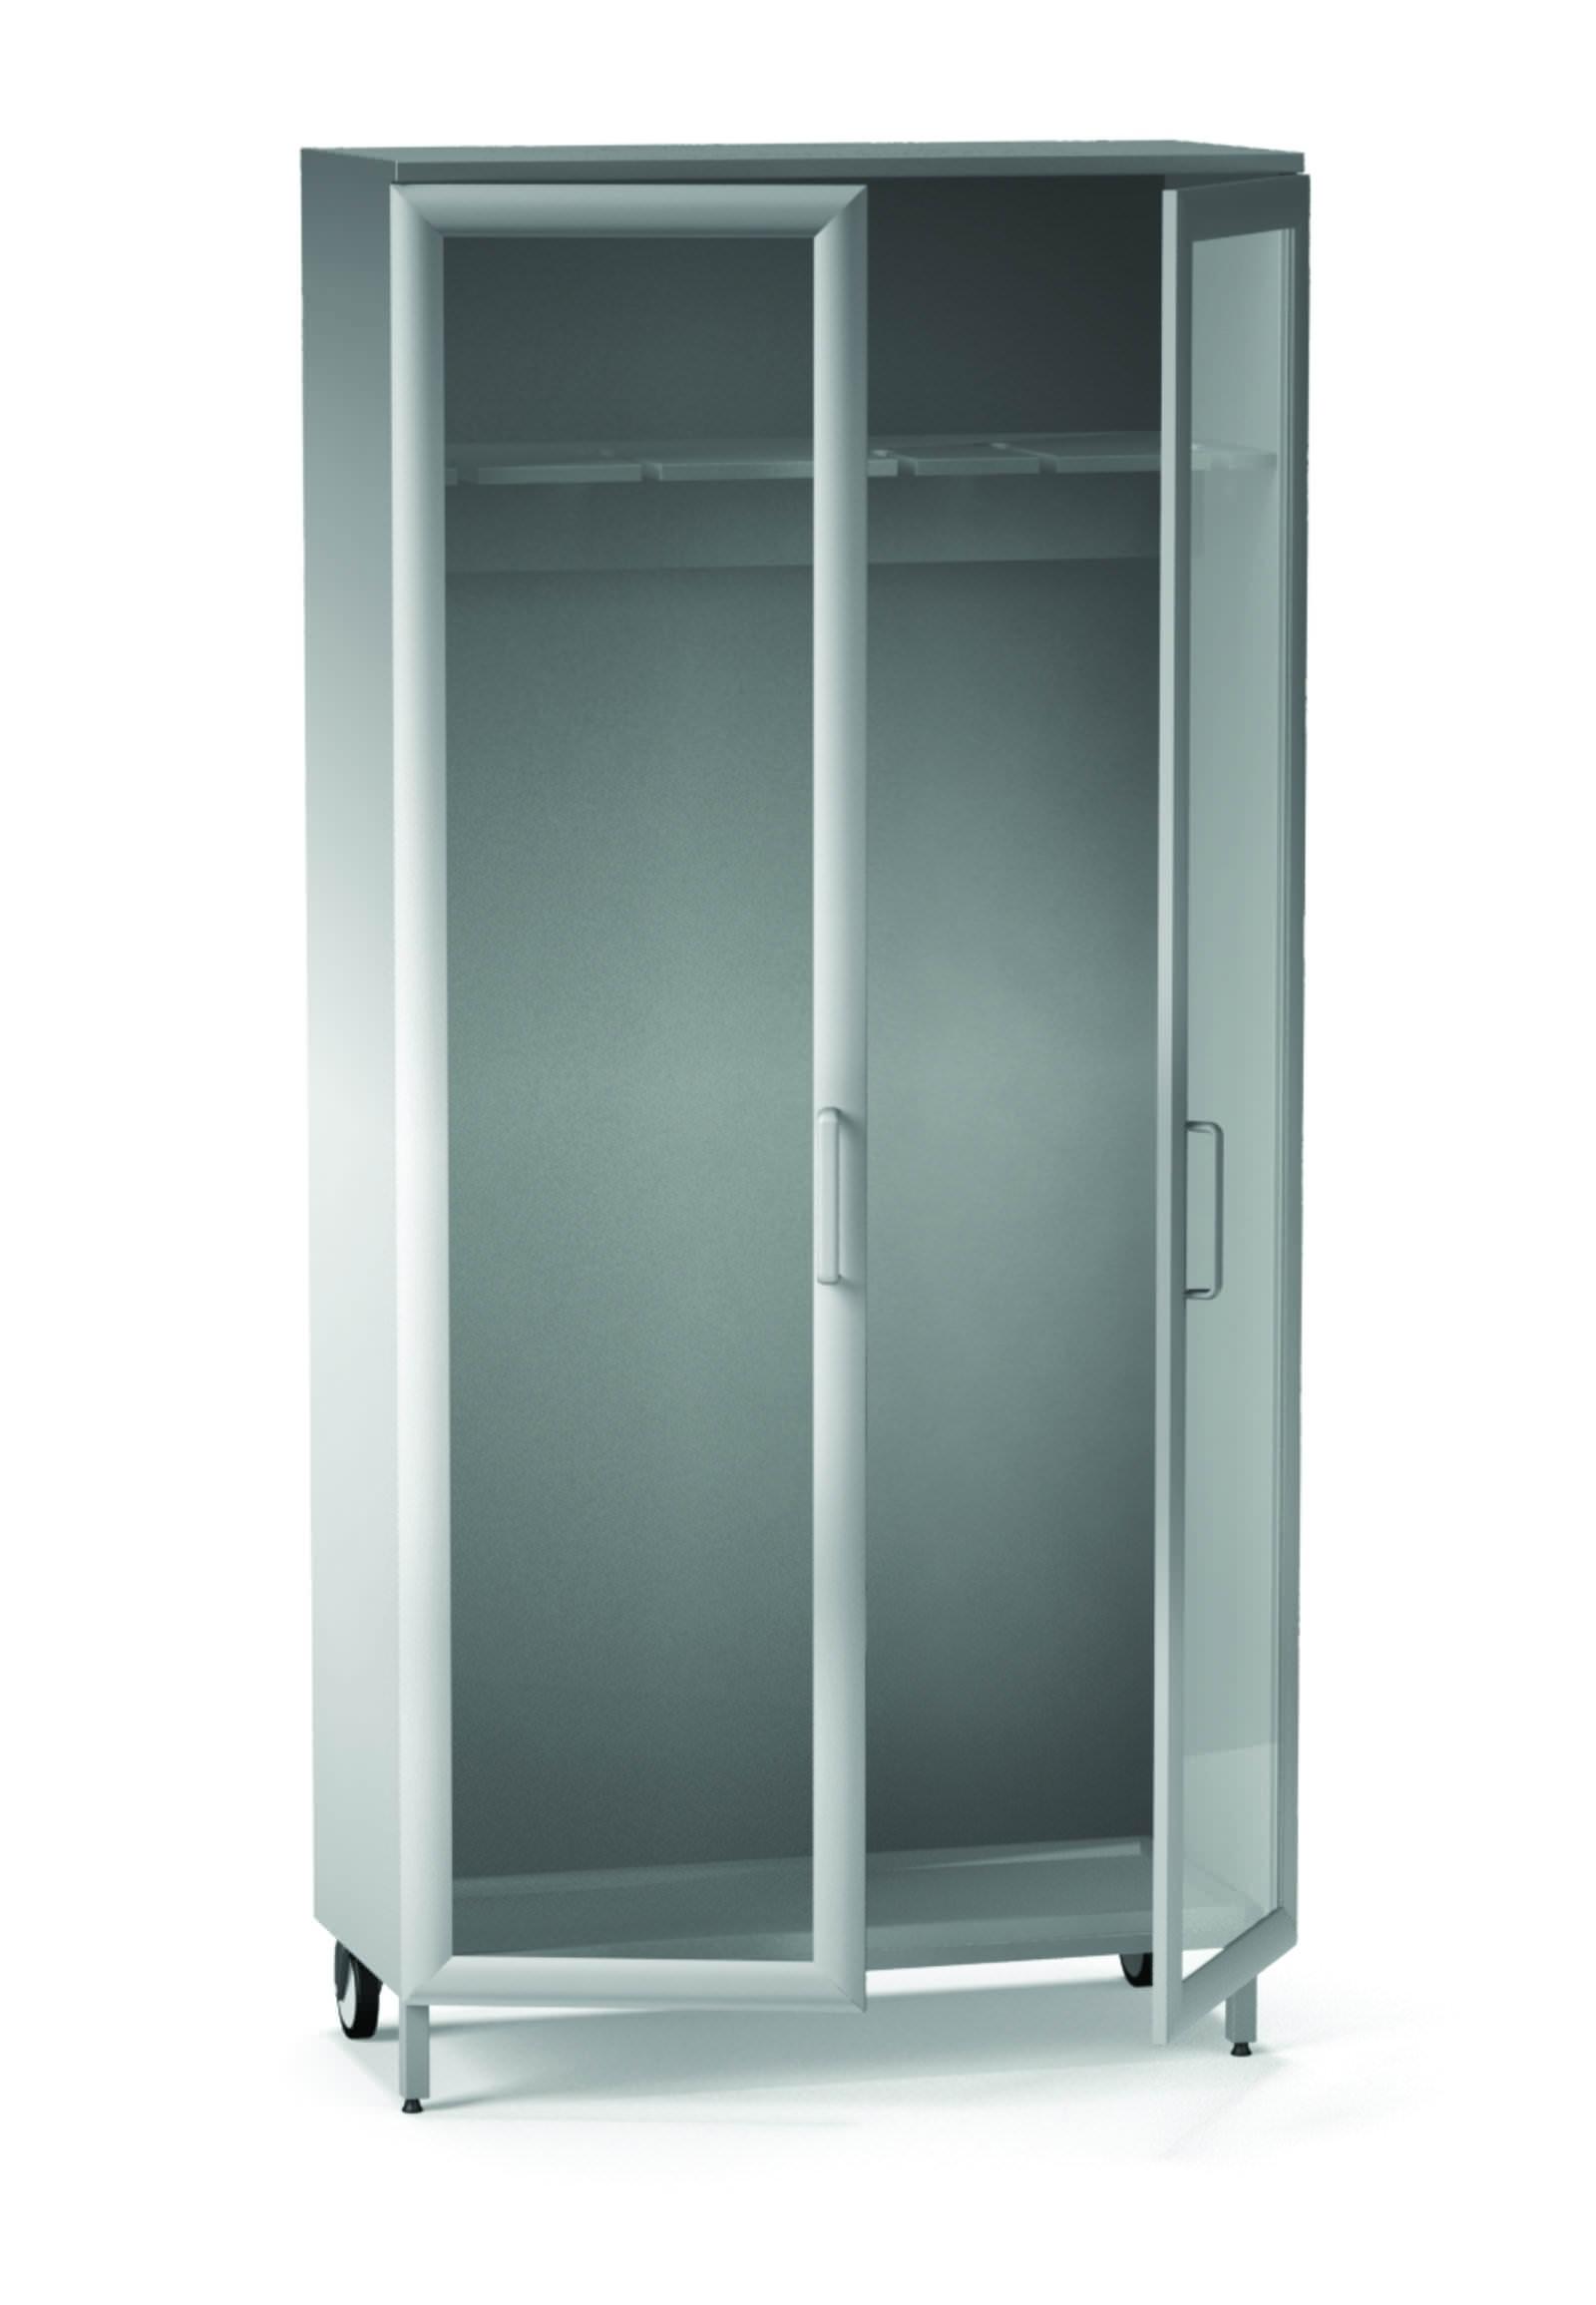 Шкаф для хранения эндоскопов ДМ-6-001-17